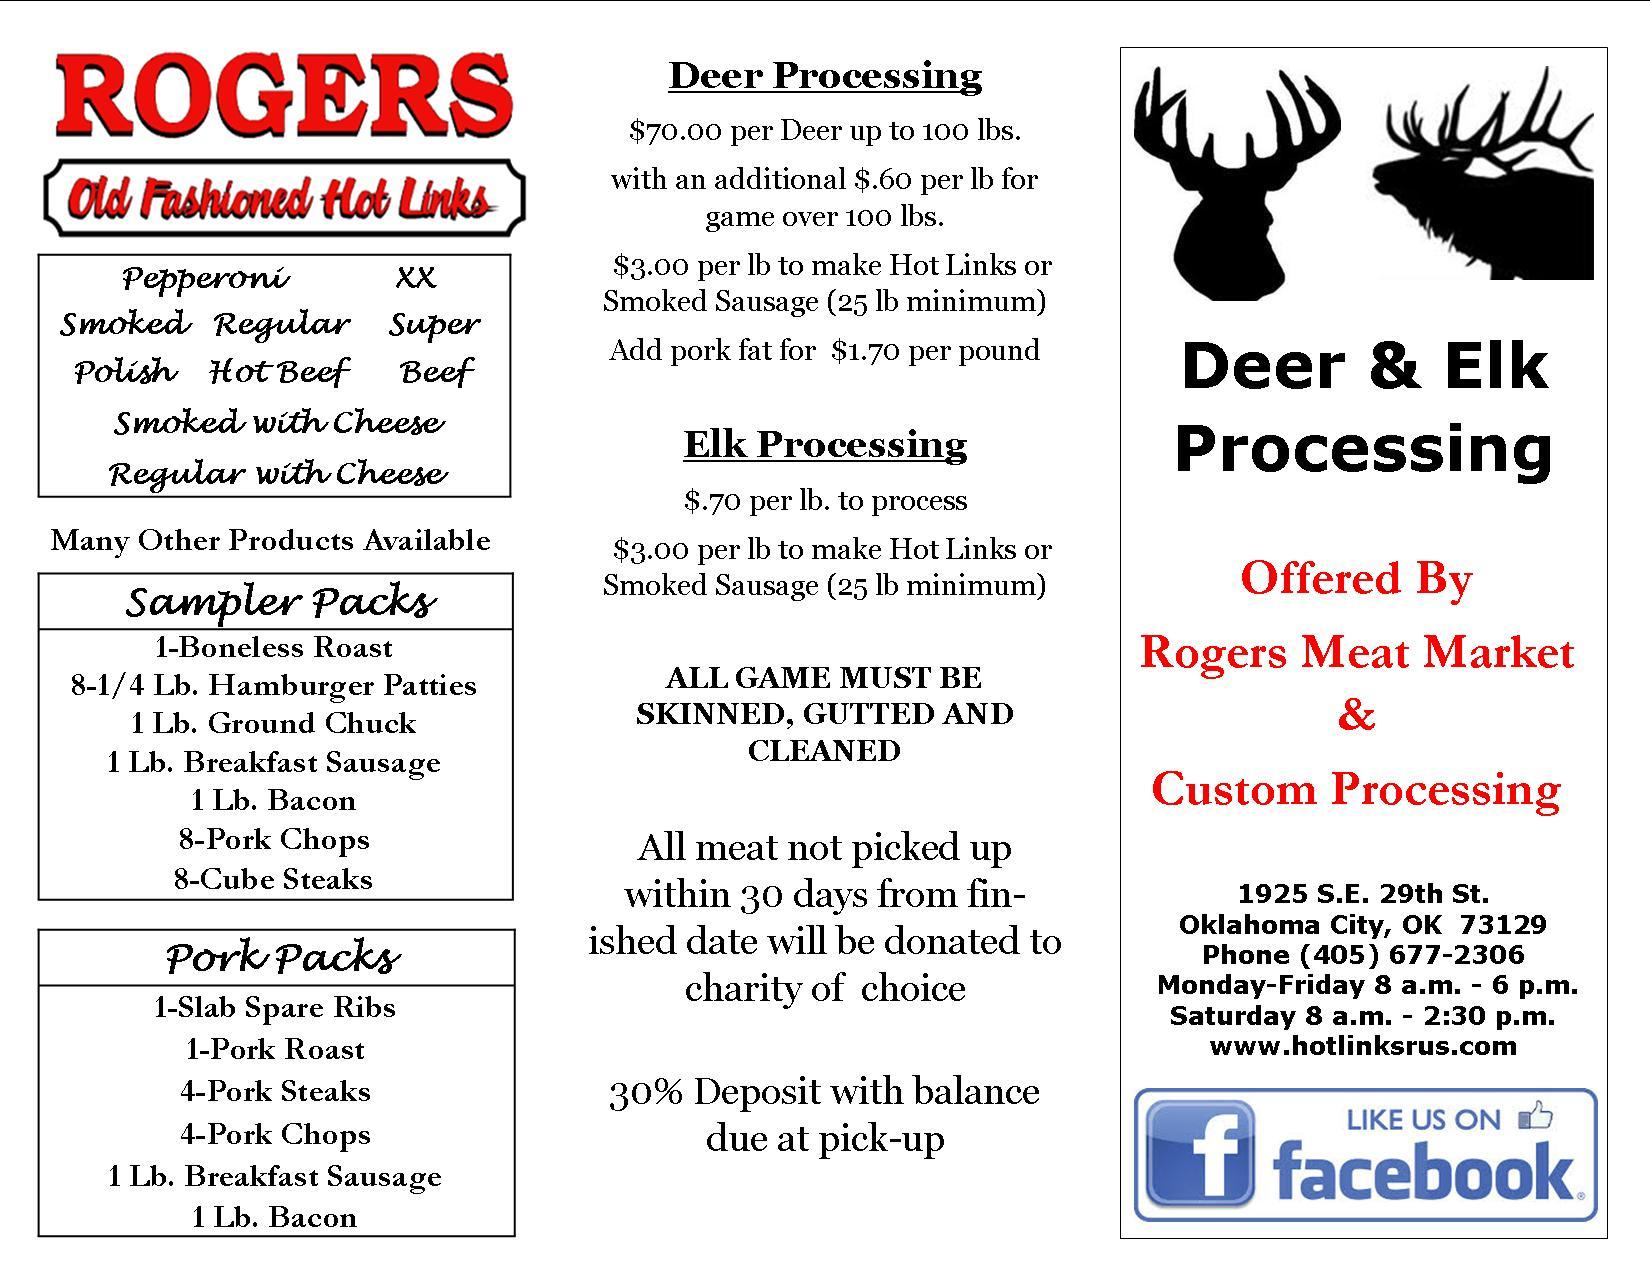 Deer/Elk Processing